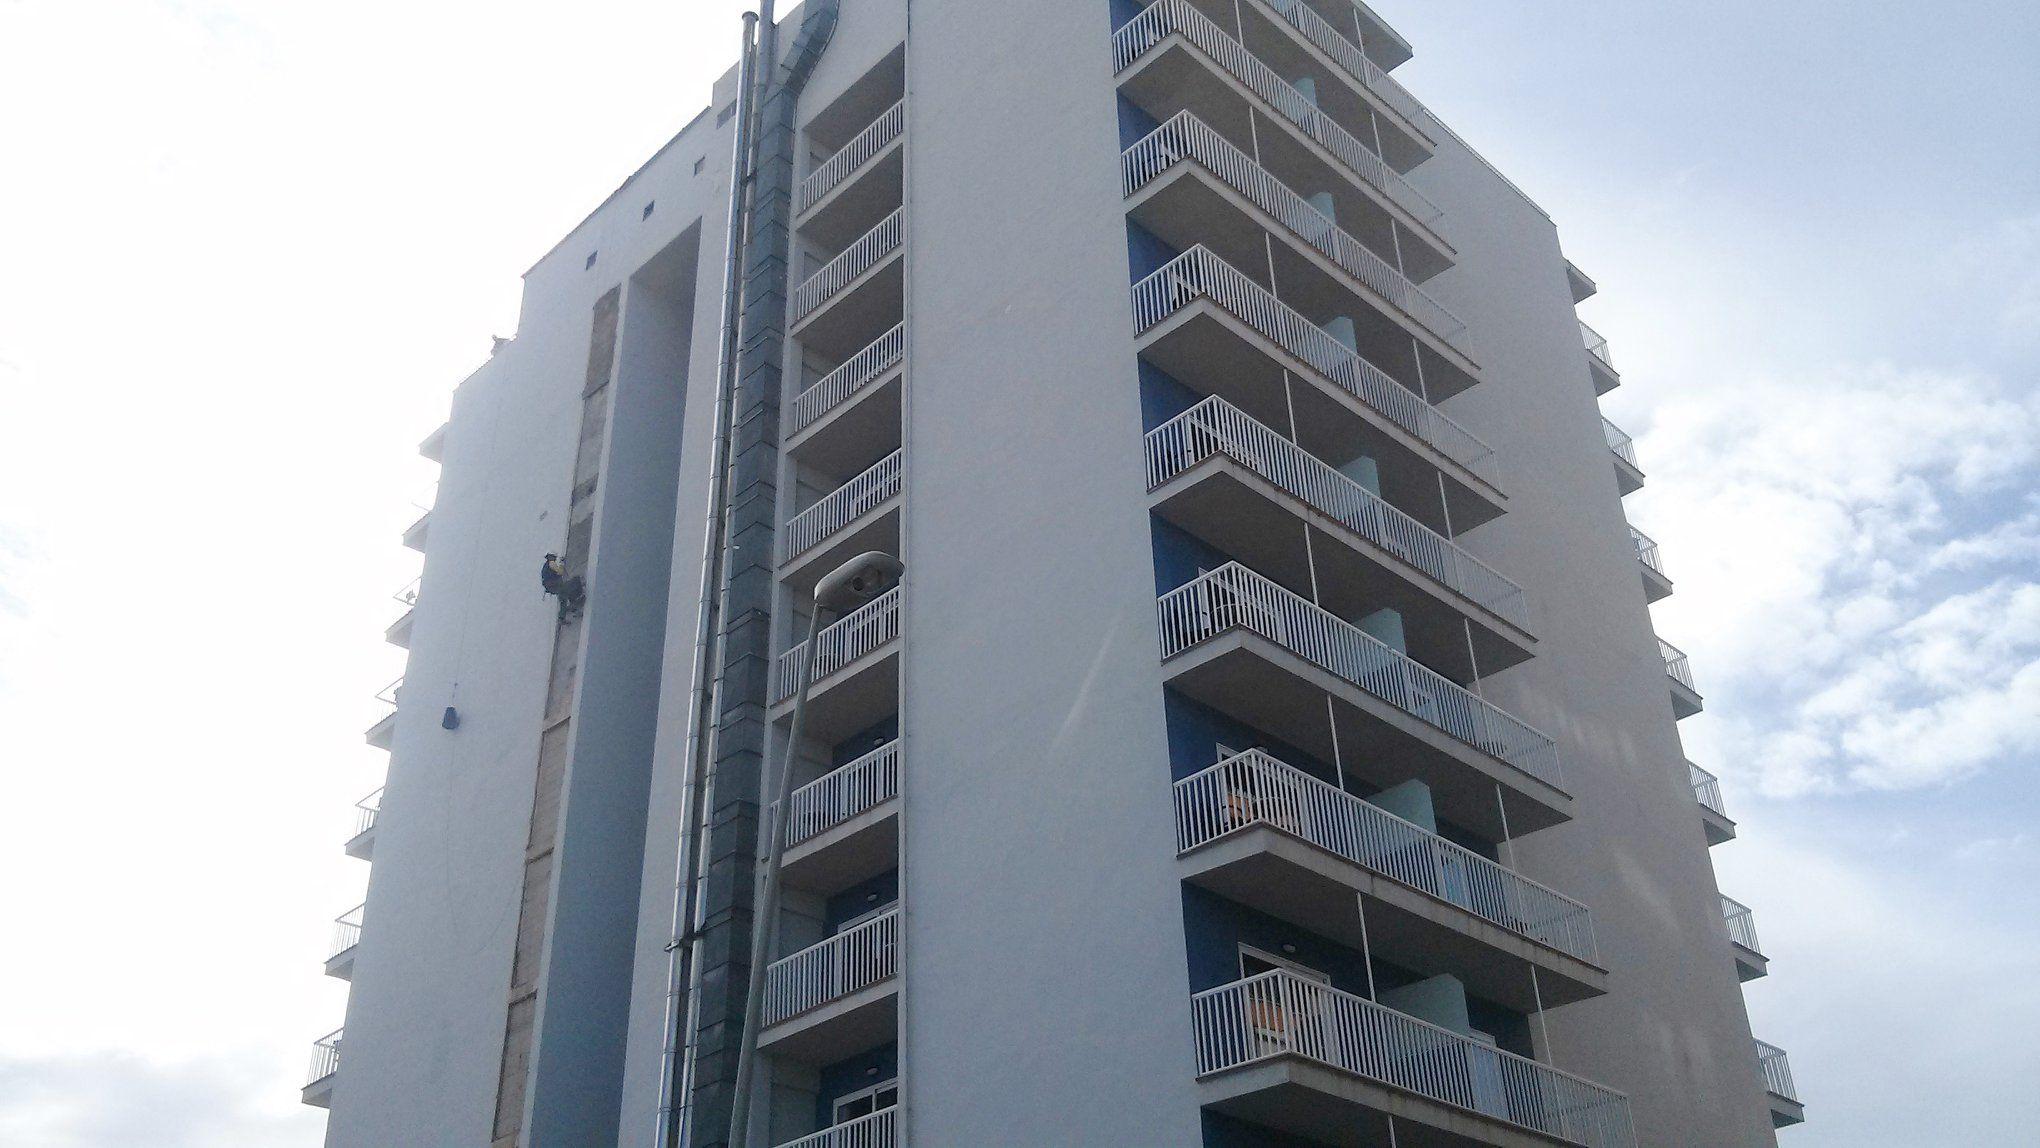 Foto 11 de Trabajos verticales en Palma de Mallorca | Trabajos Verticales Florinity